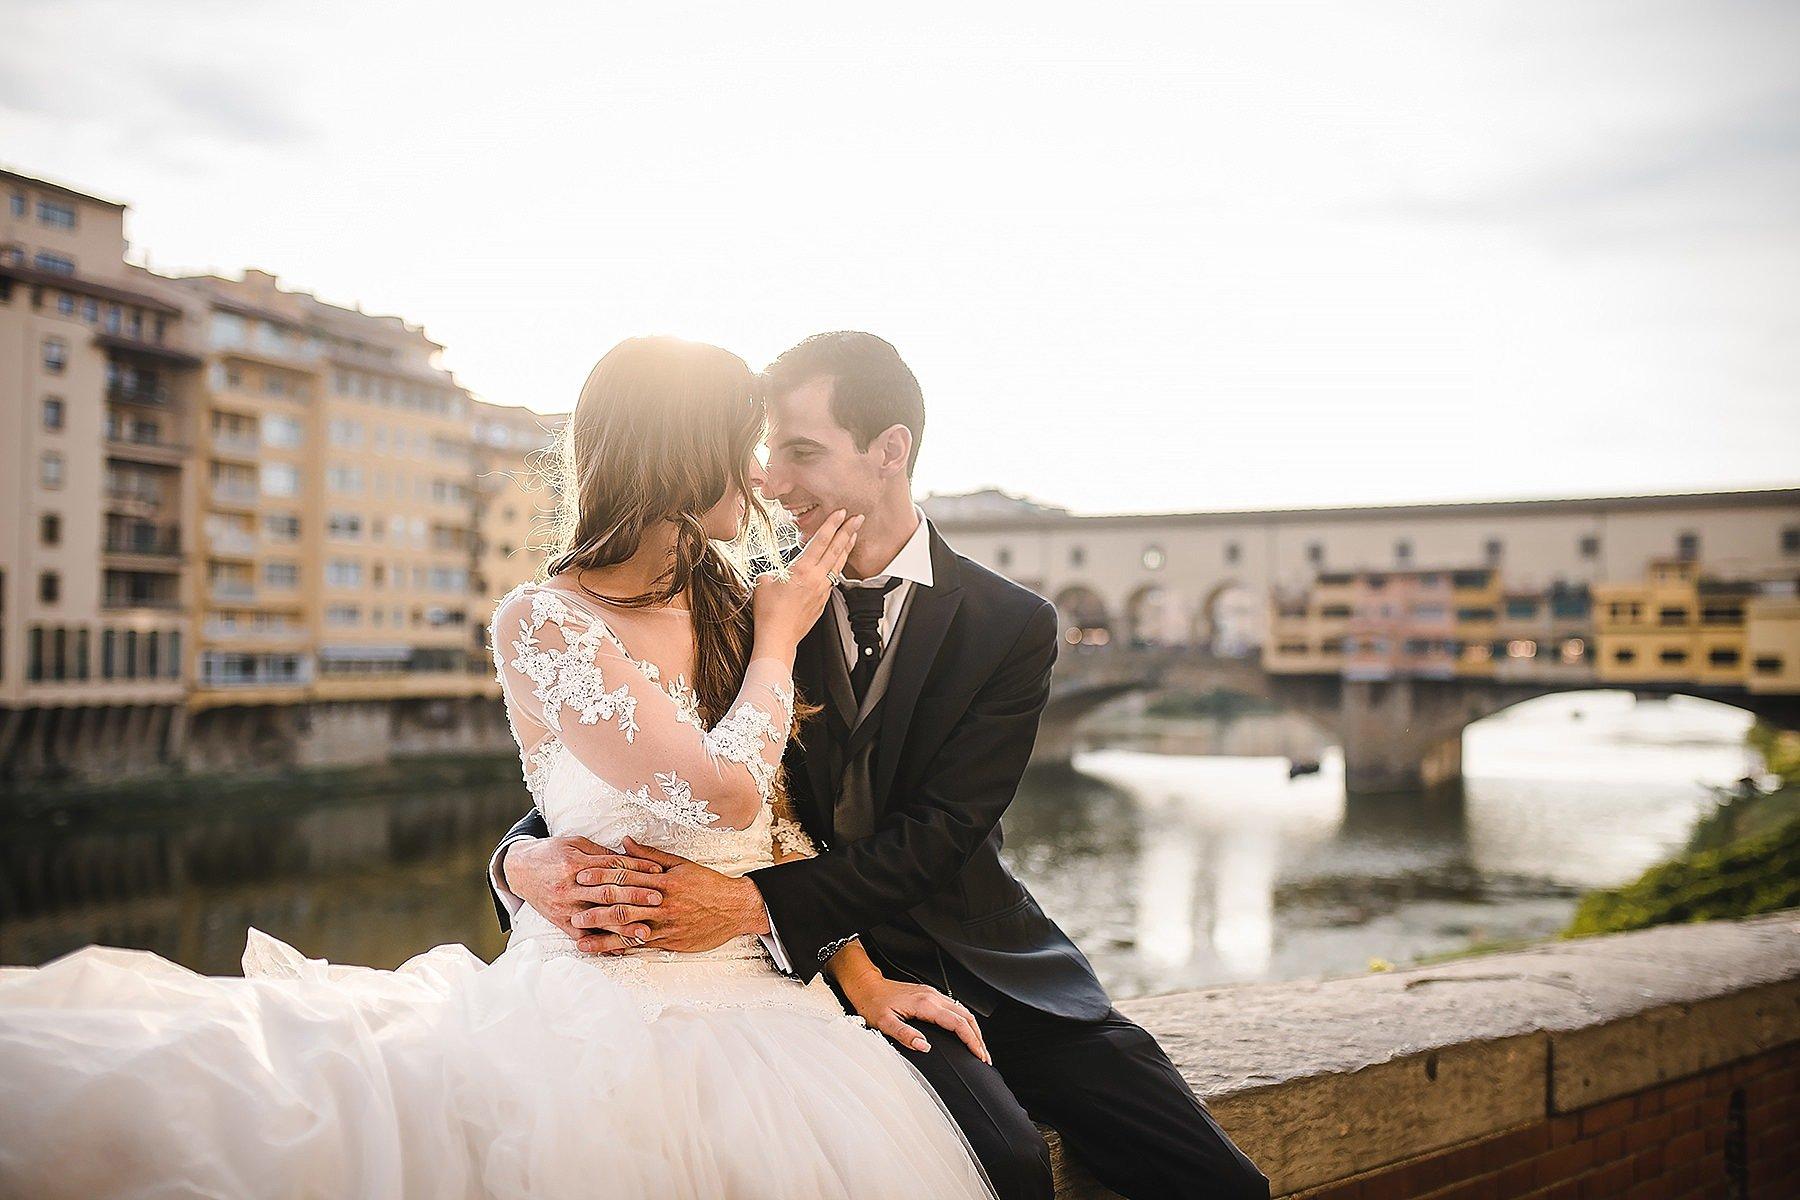 sposi con ponte vecchio a firenze